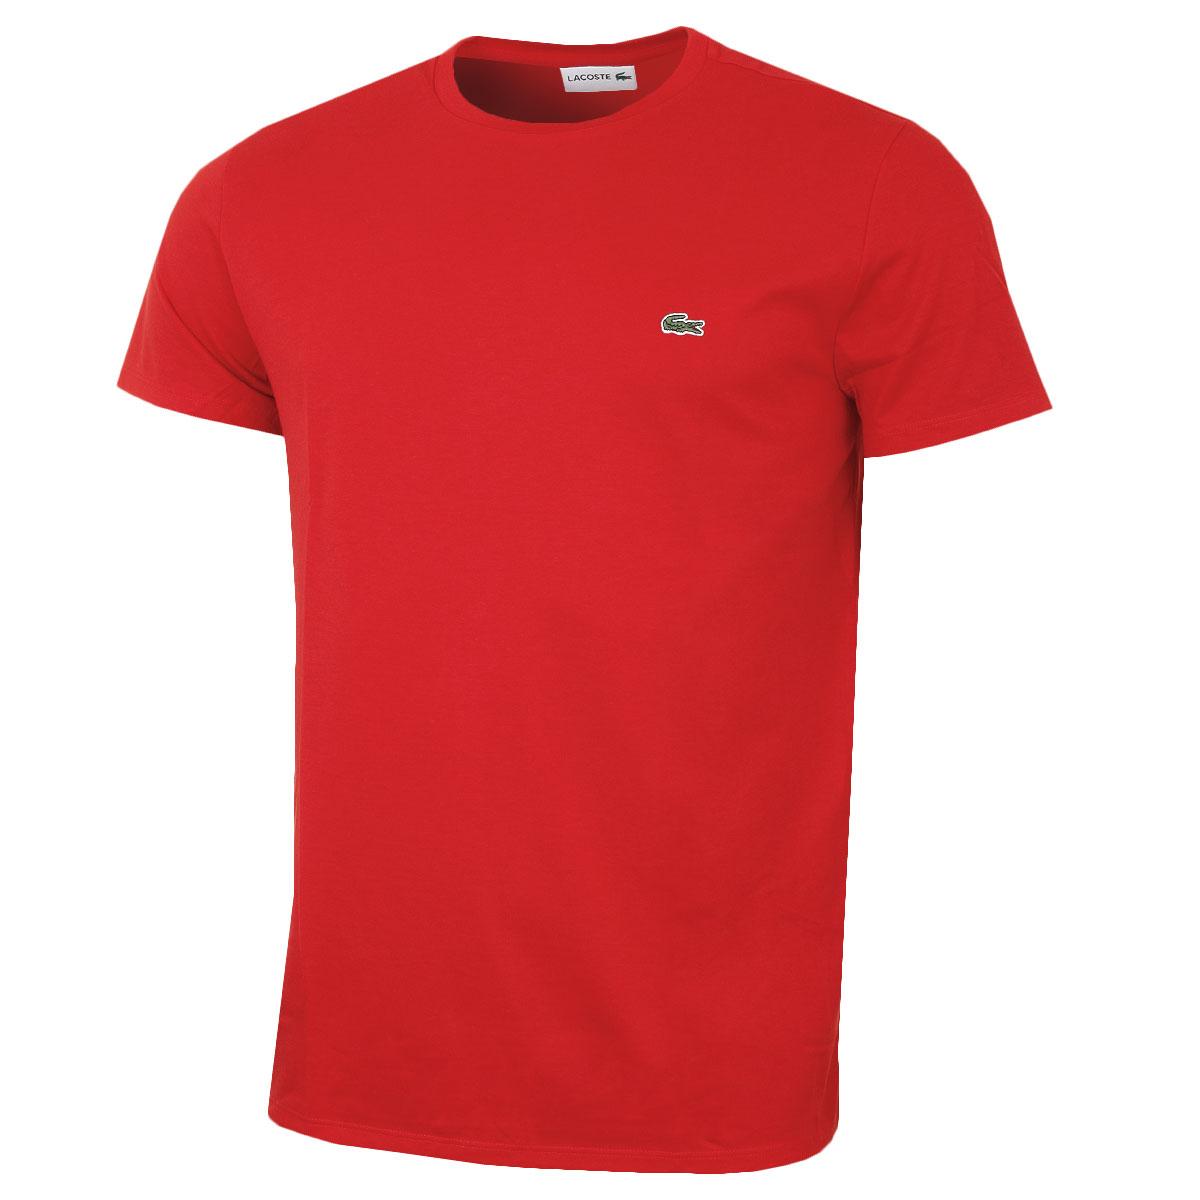 LACOSTE-HOMME-2018-SS-a-encolure-ras-du-Cou-Coton-Pima-T-shirt-TH6709-26-Off-RRP